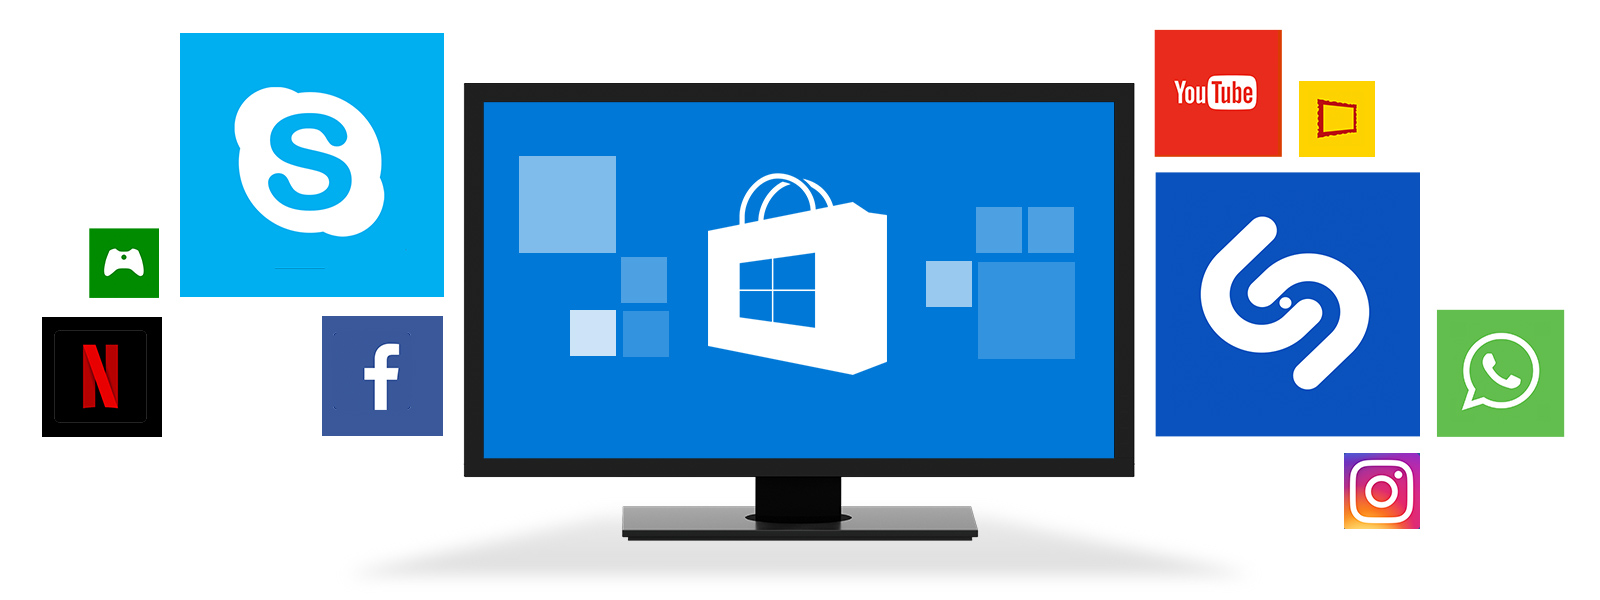 Un appareil Windows avec des vignettes d'application flottant tout autour